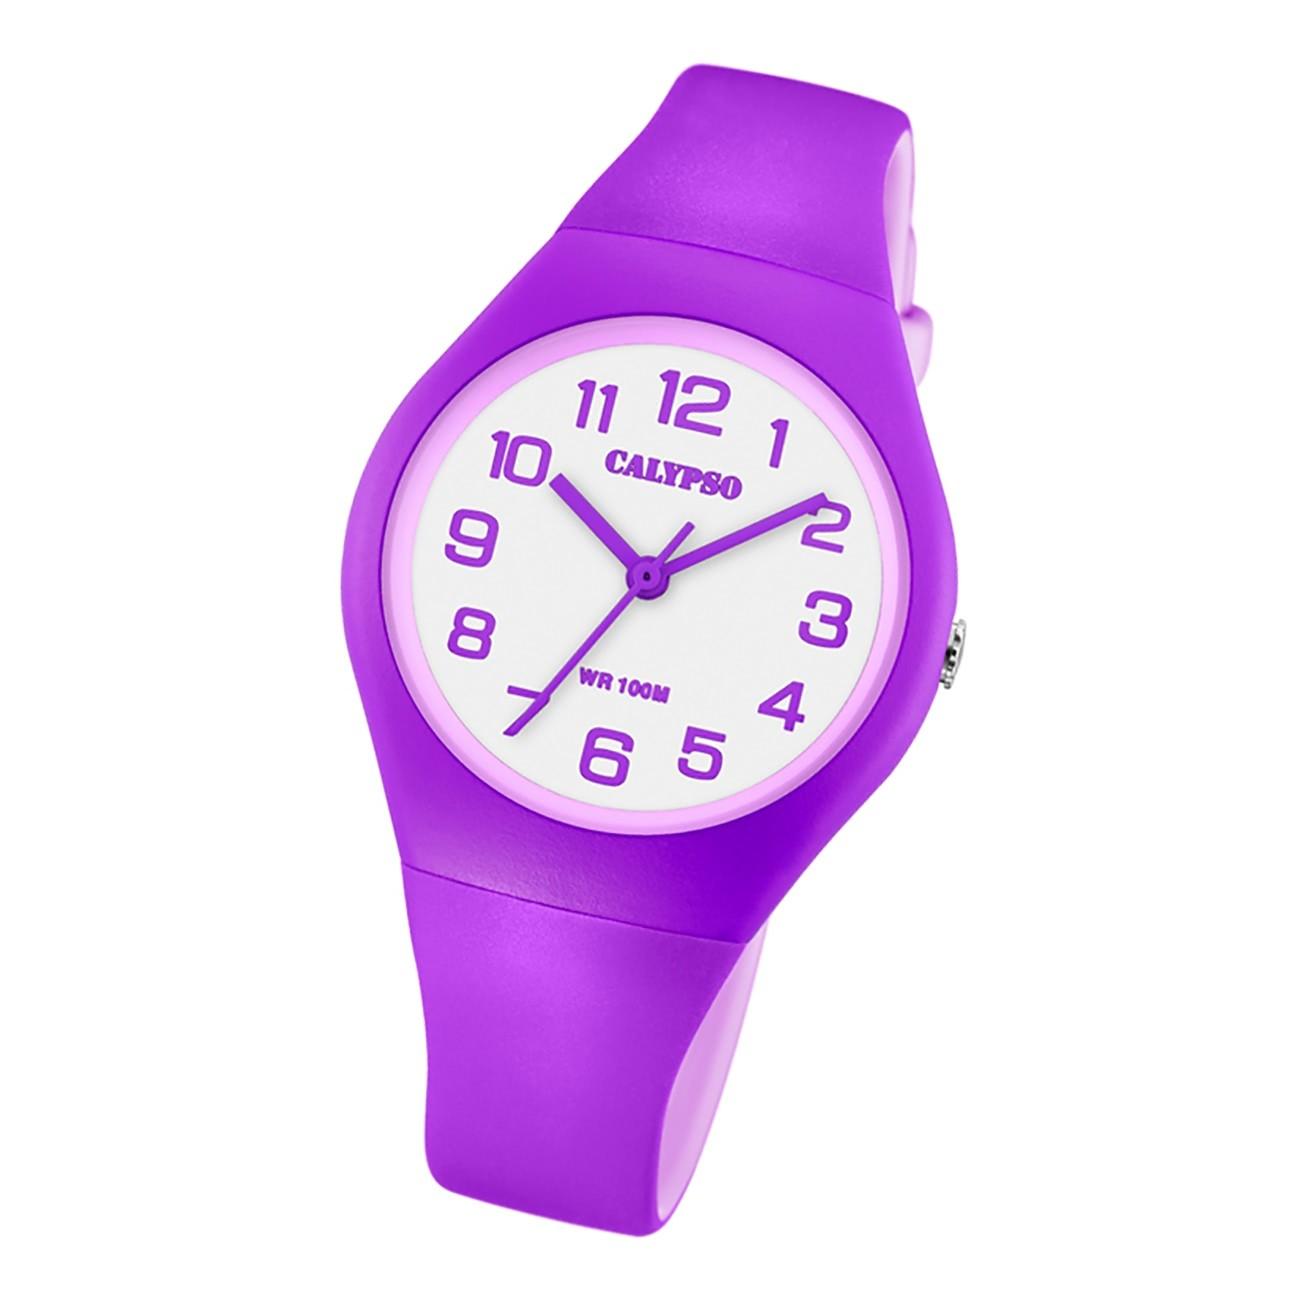 Calypso Damen Jugend Armbanduhr Fashion K5777/7 Analog Kunststoff lila UK5777/7